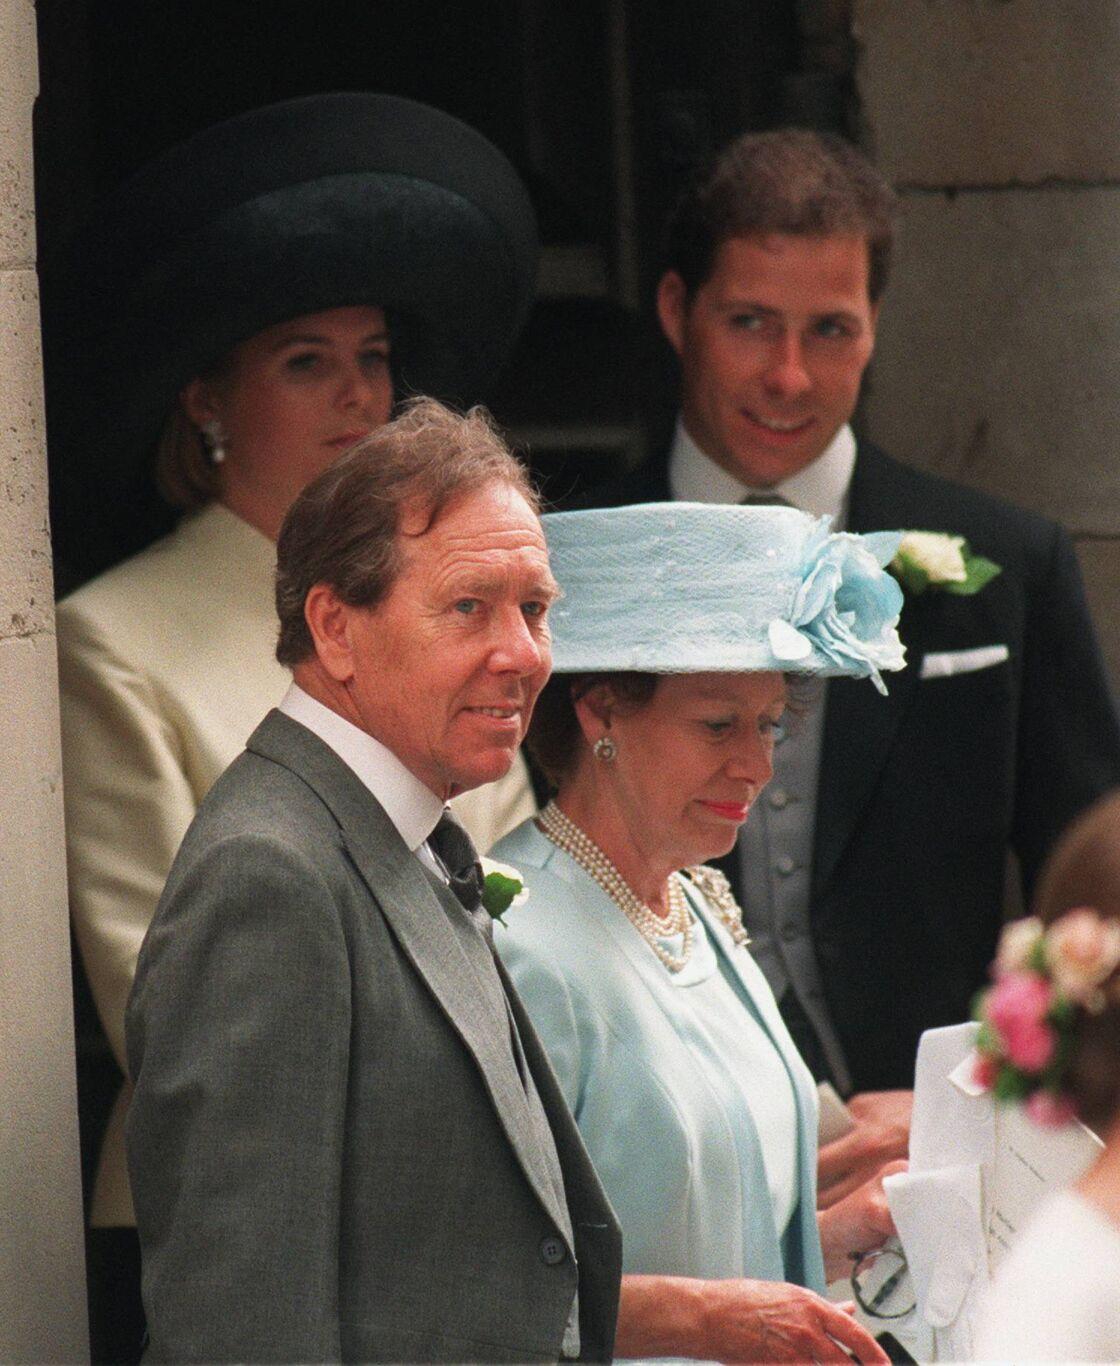 L'ancien couple, Antony Armstrong-Jones et la princesse Margaret, se retrouvés en 1994 pour célébrer le mariage de leur fille, Sarah.